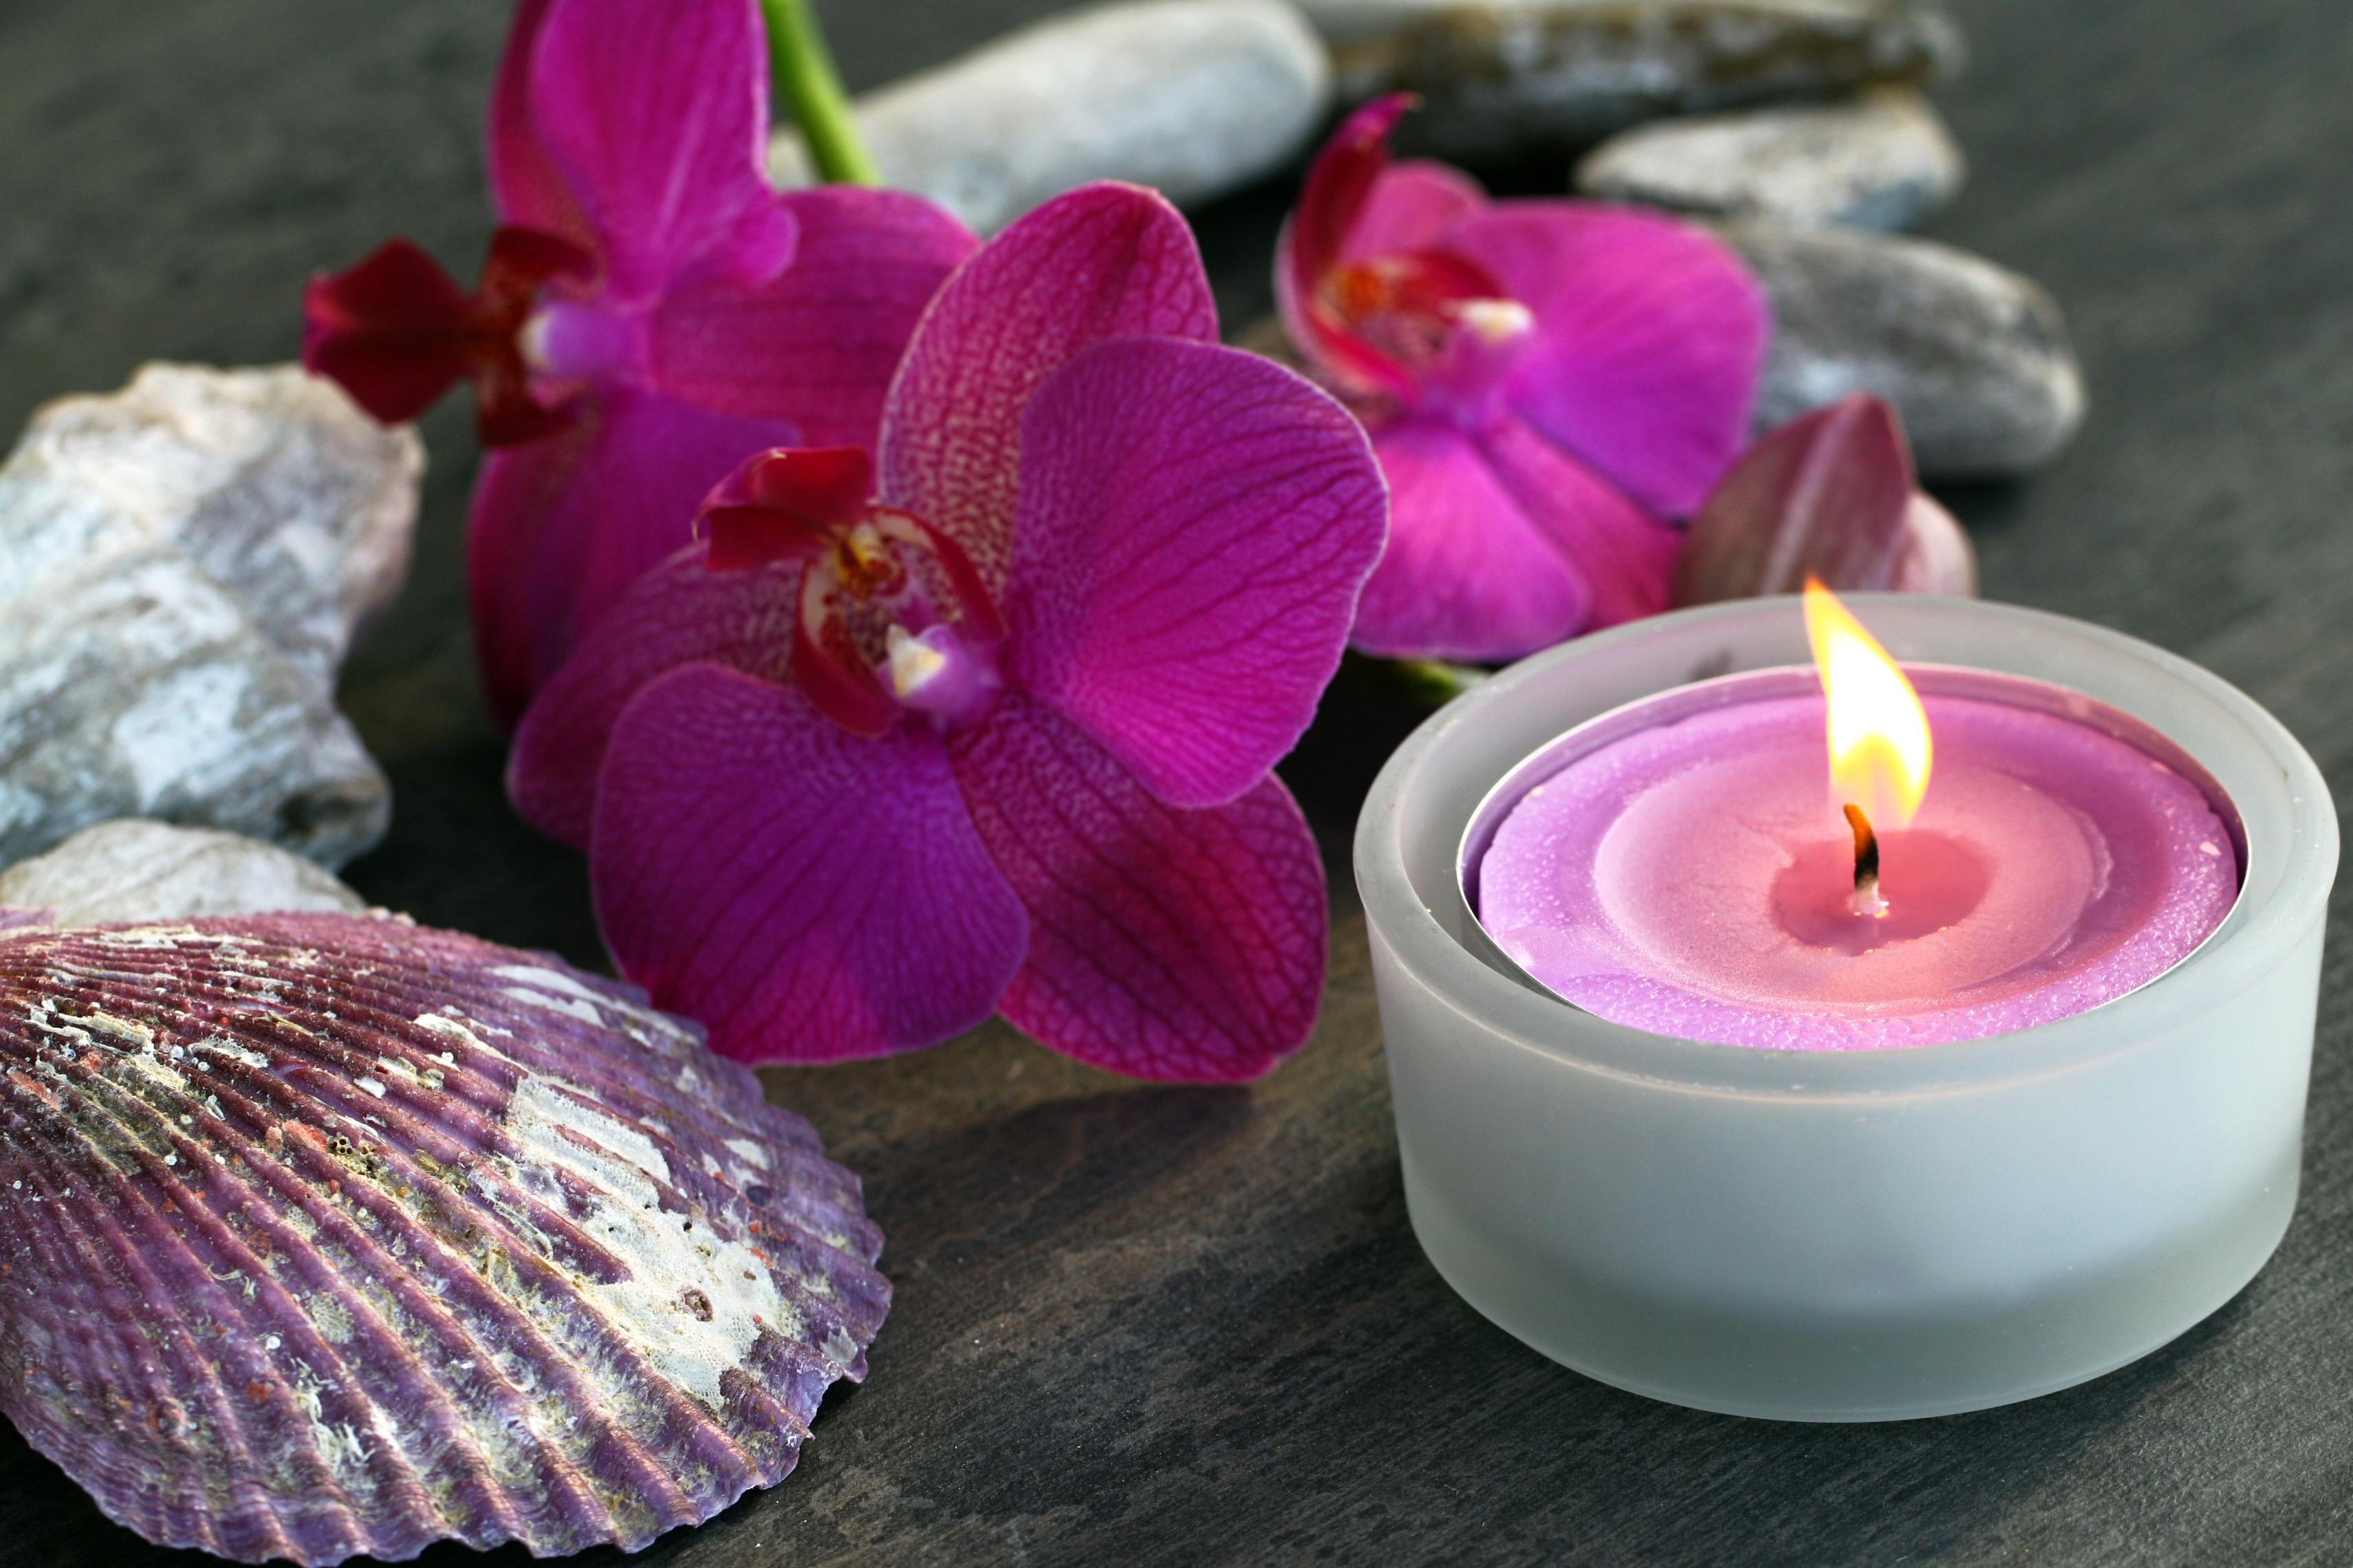 Kerze und Orchidee